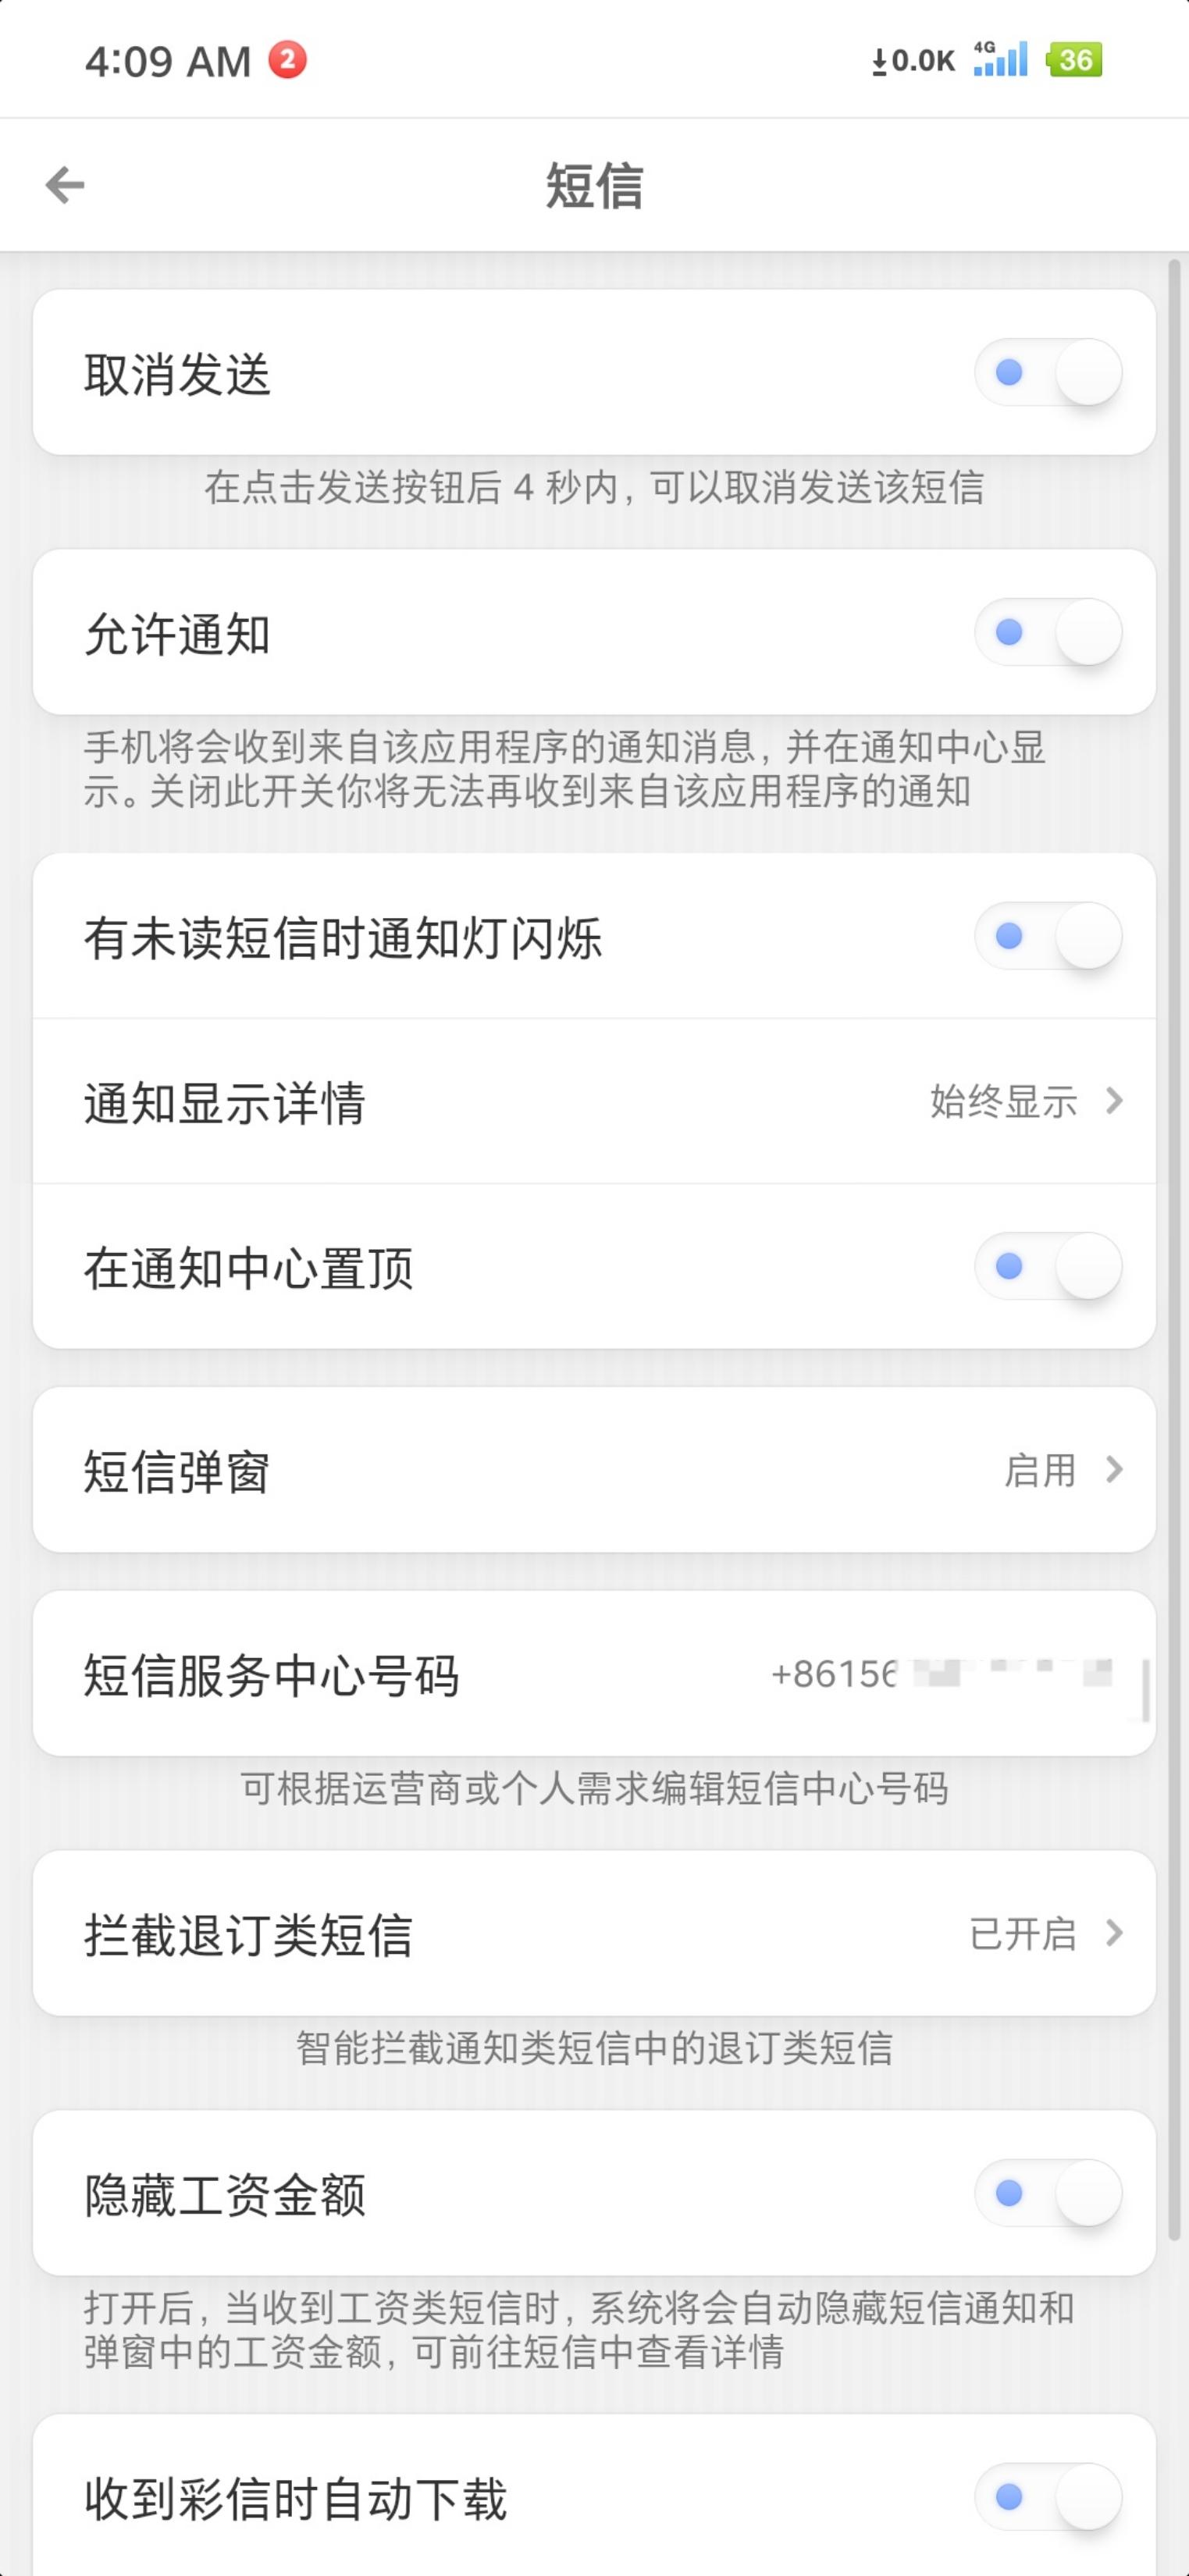 ??_Screenshot_2020-03-06-04-09-28-567_??.jpg